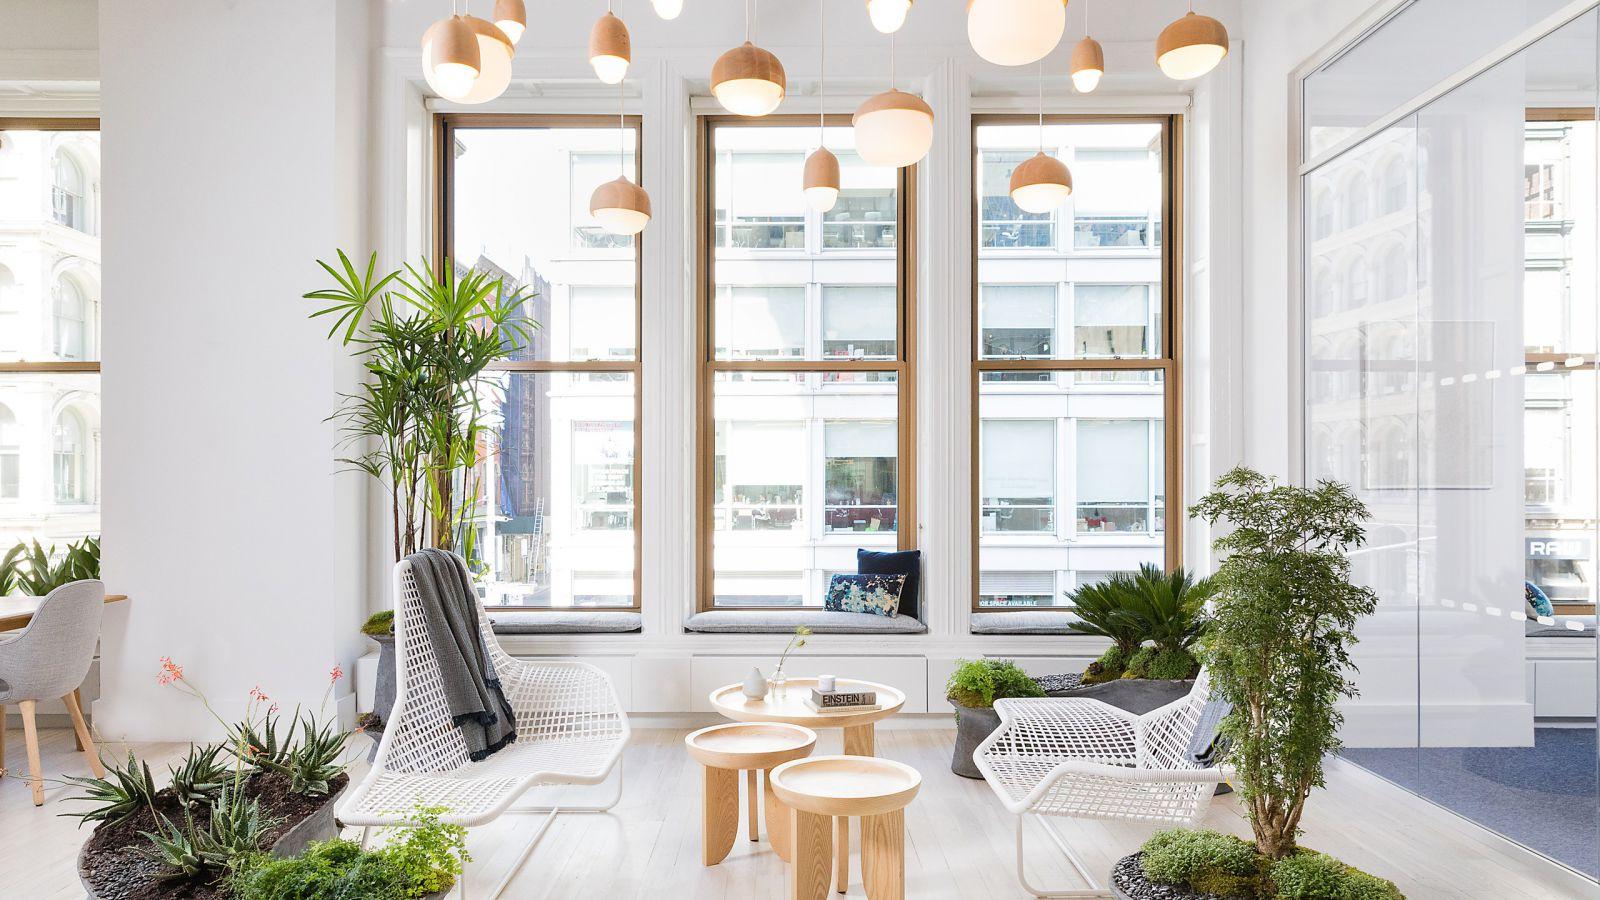 Phong cách Zen cho văn phòng